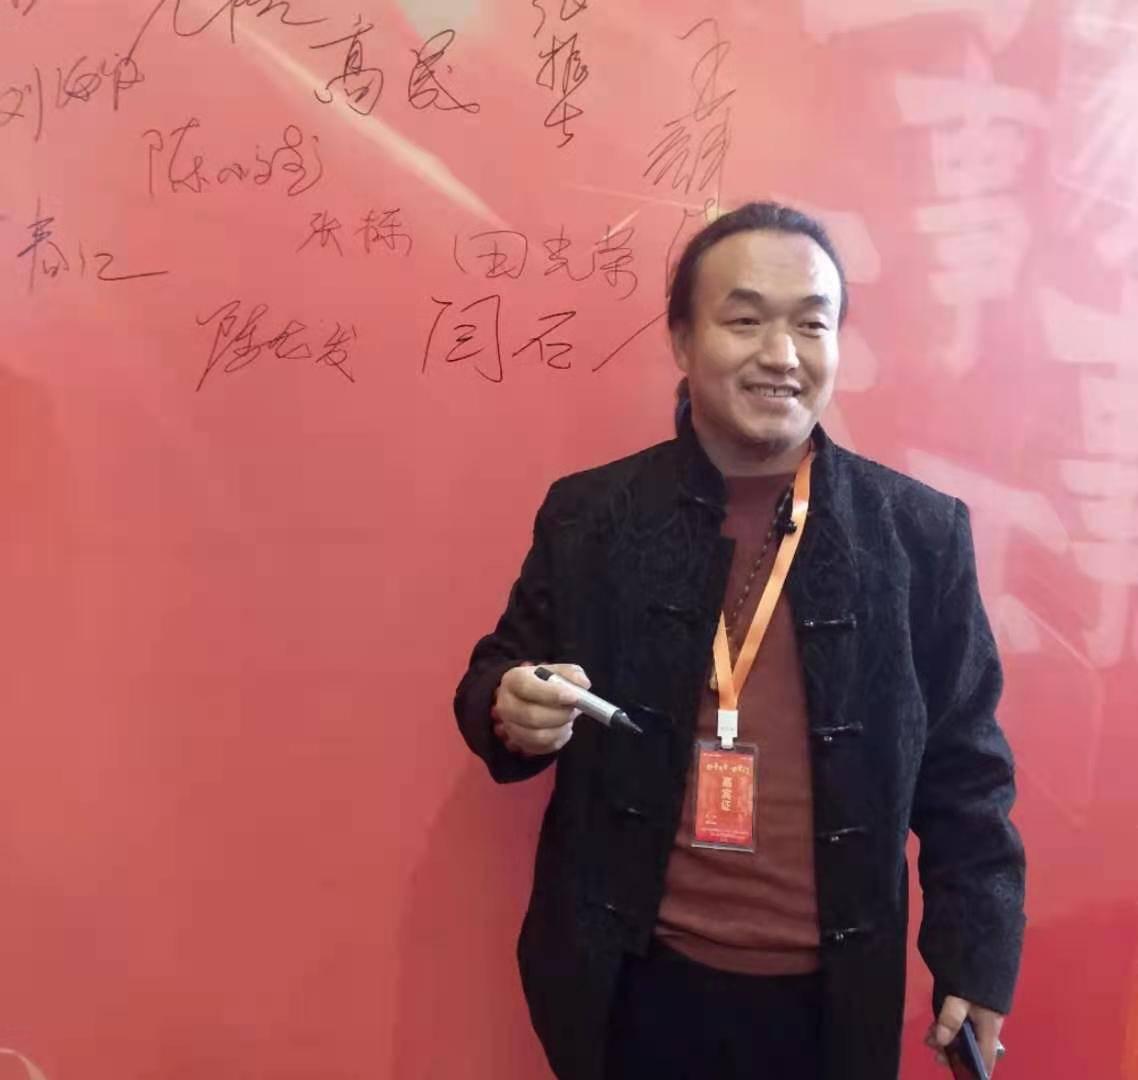 书法家王诗皓应邀出席毛主席诞辰127周年纪念活动